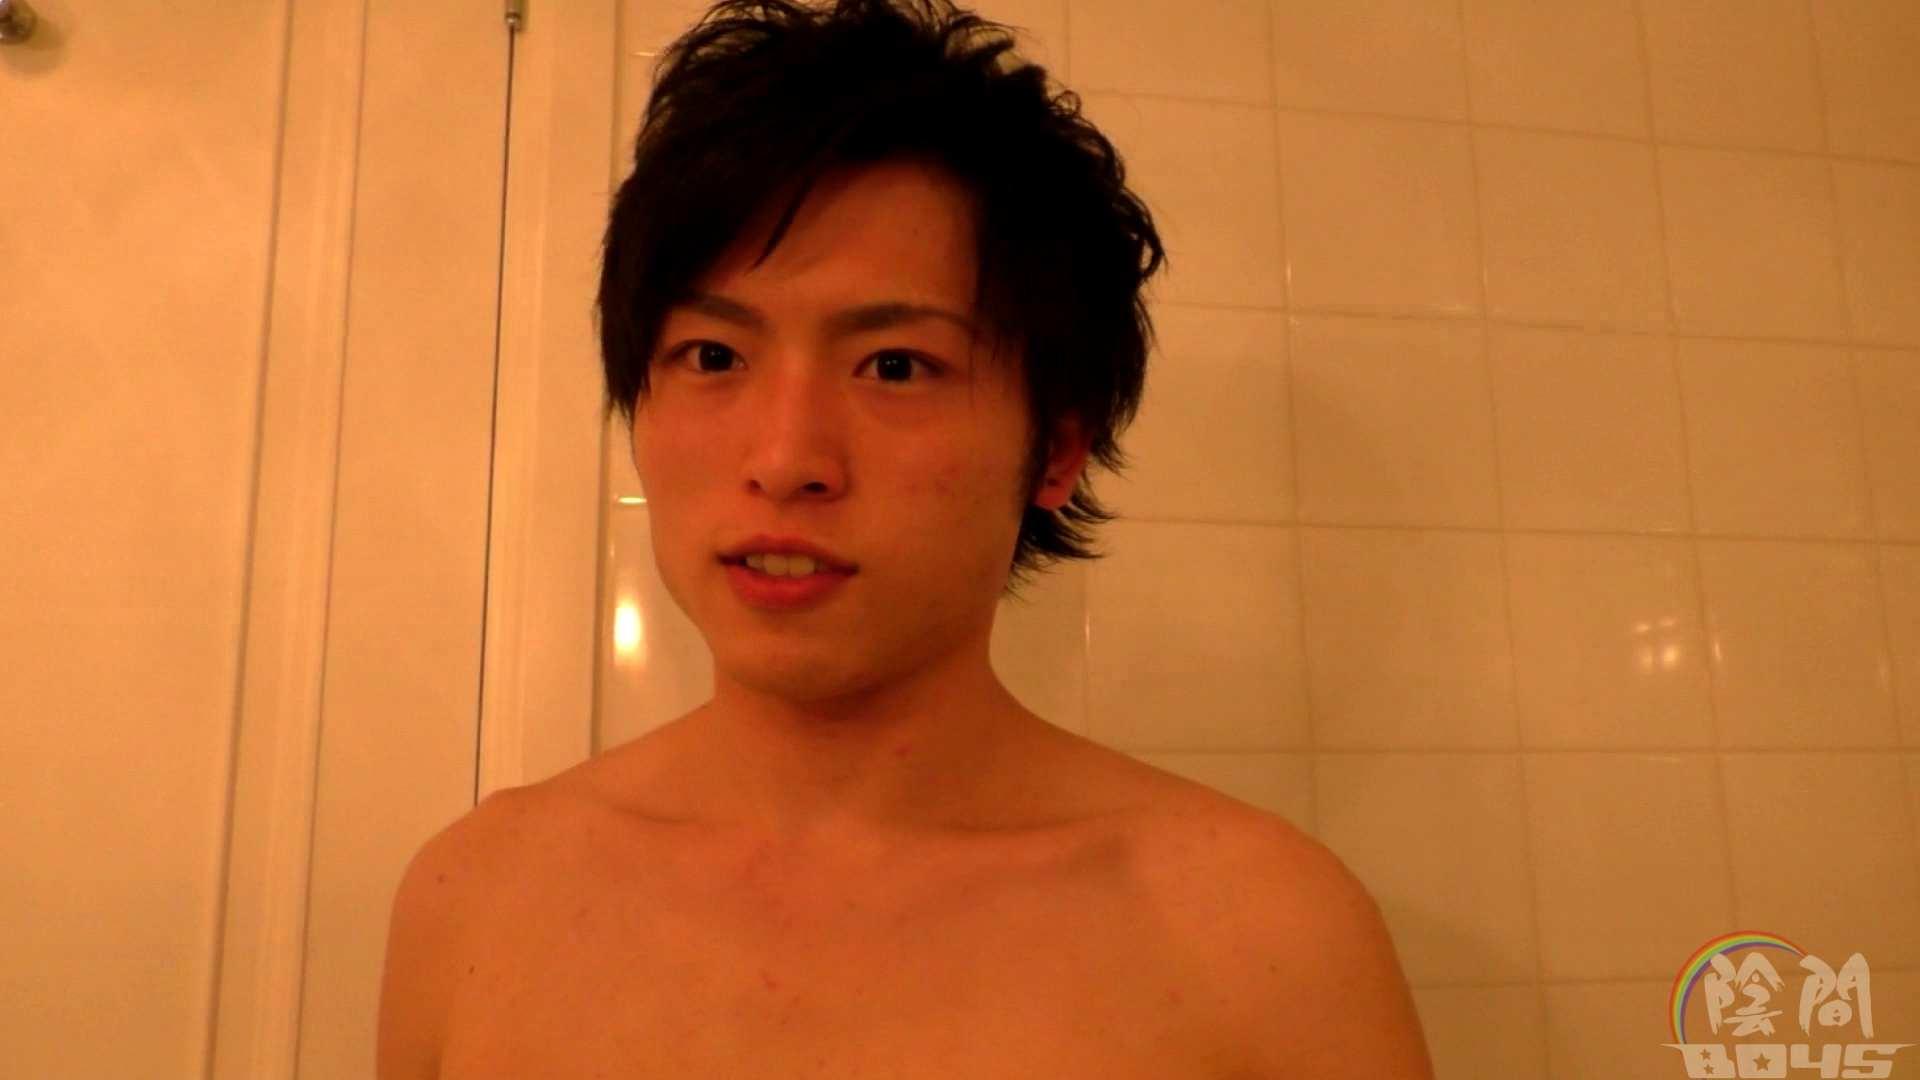 陰間BOYS~AV男優面接2、俺のアナルが…~03 手コキ ゲイ無修正画像 64pic 32